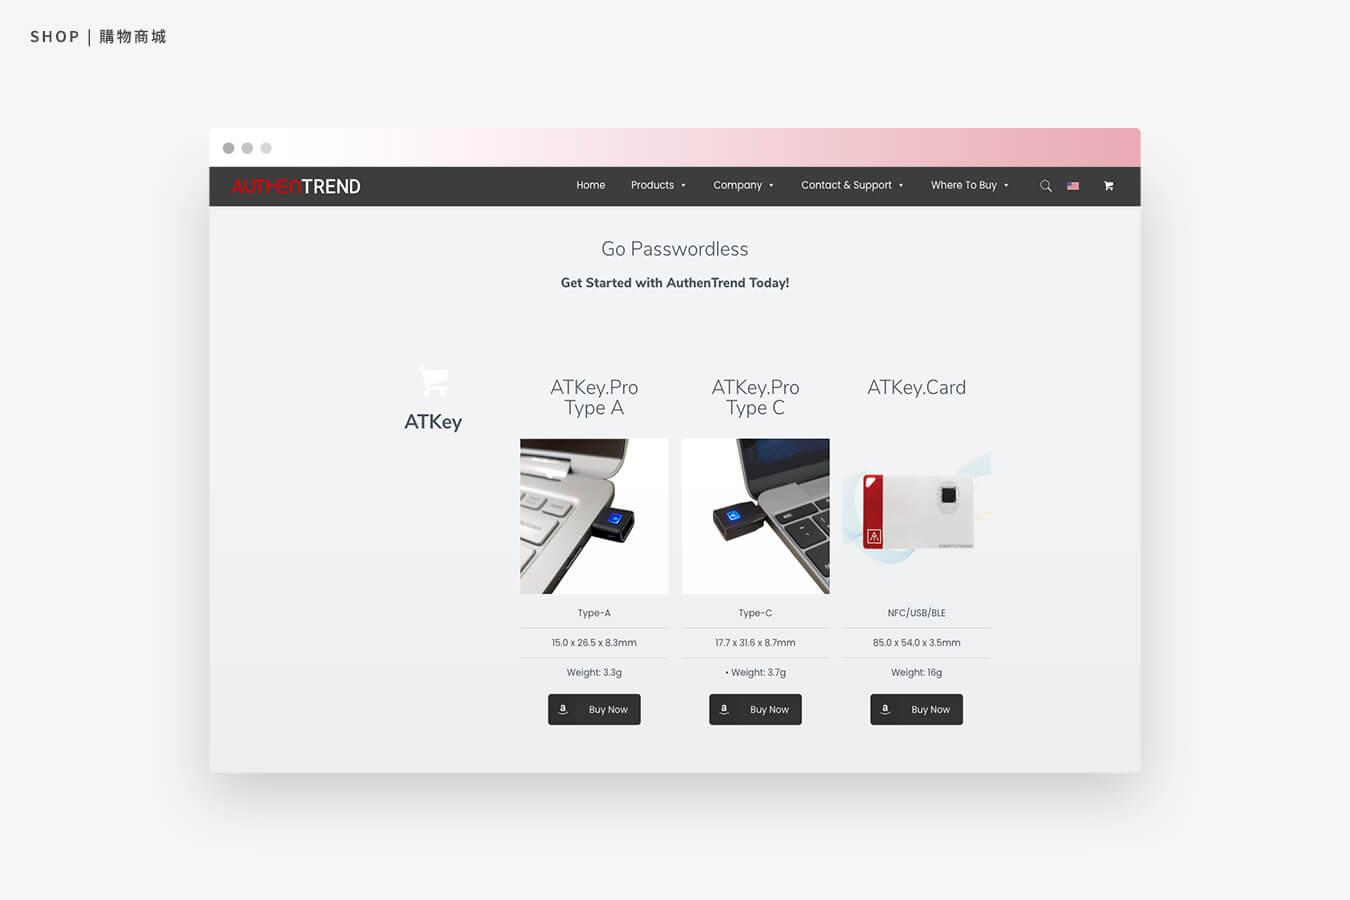 企業網站   網站設計   品牌化設計打造網站! 品牌形象最佳展示、潛在客戶一眼記住! 交給網站設計專家傑克大俠